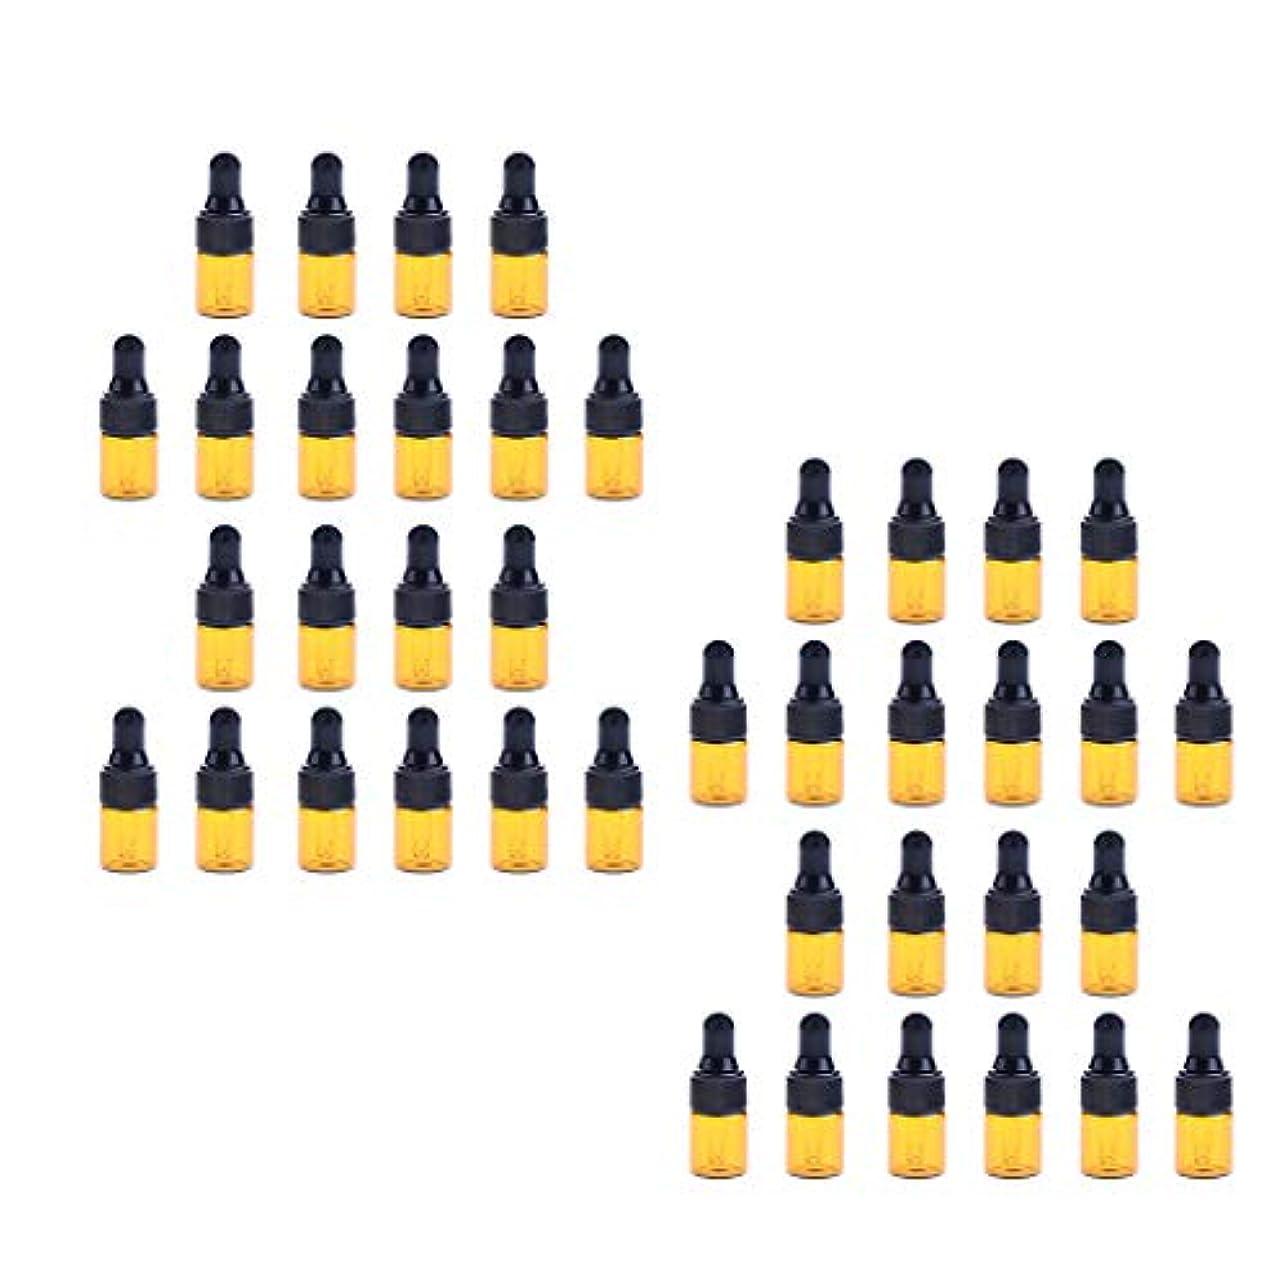 スペイン対象妊娠した40個入 ドロッパーボトル ガラス瓶 エッセンシャルオイル 精油 保存容器 詰め替え 小型 1ml /2ml